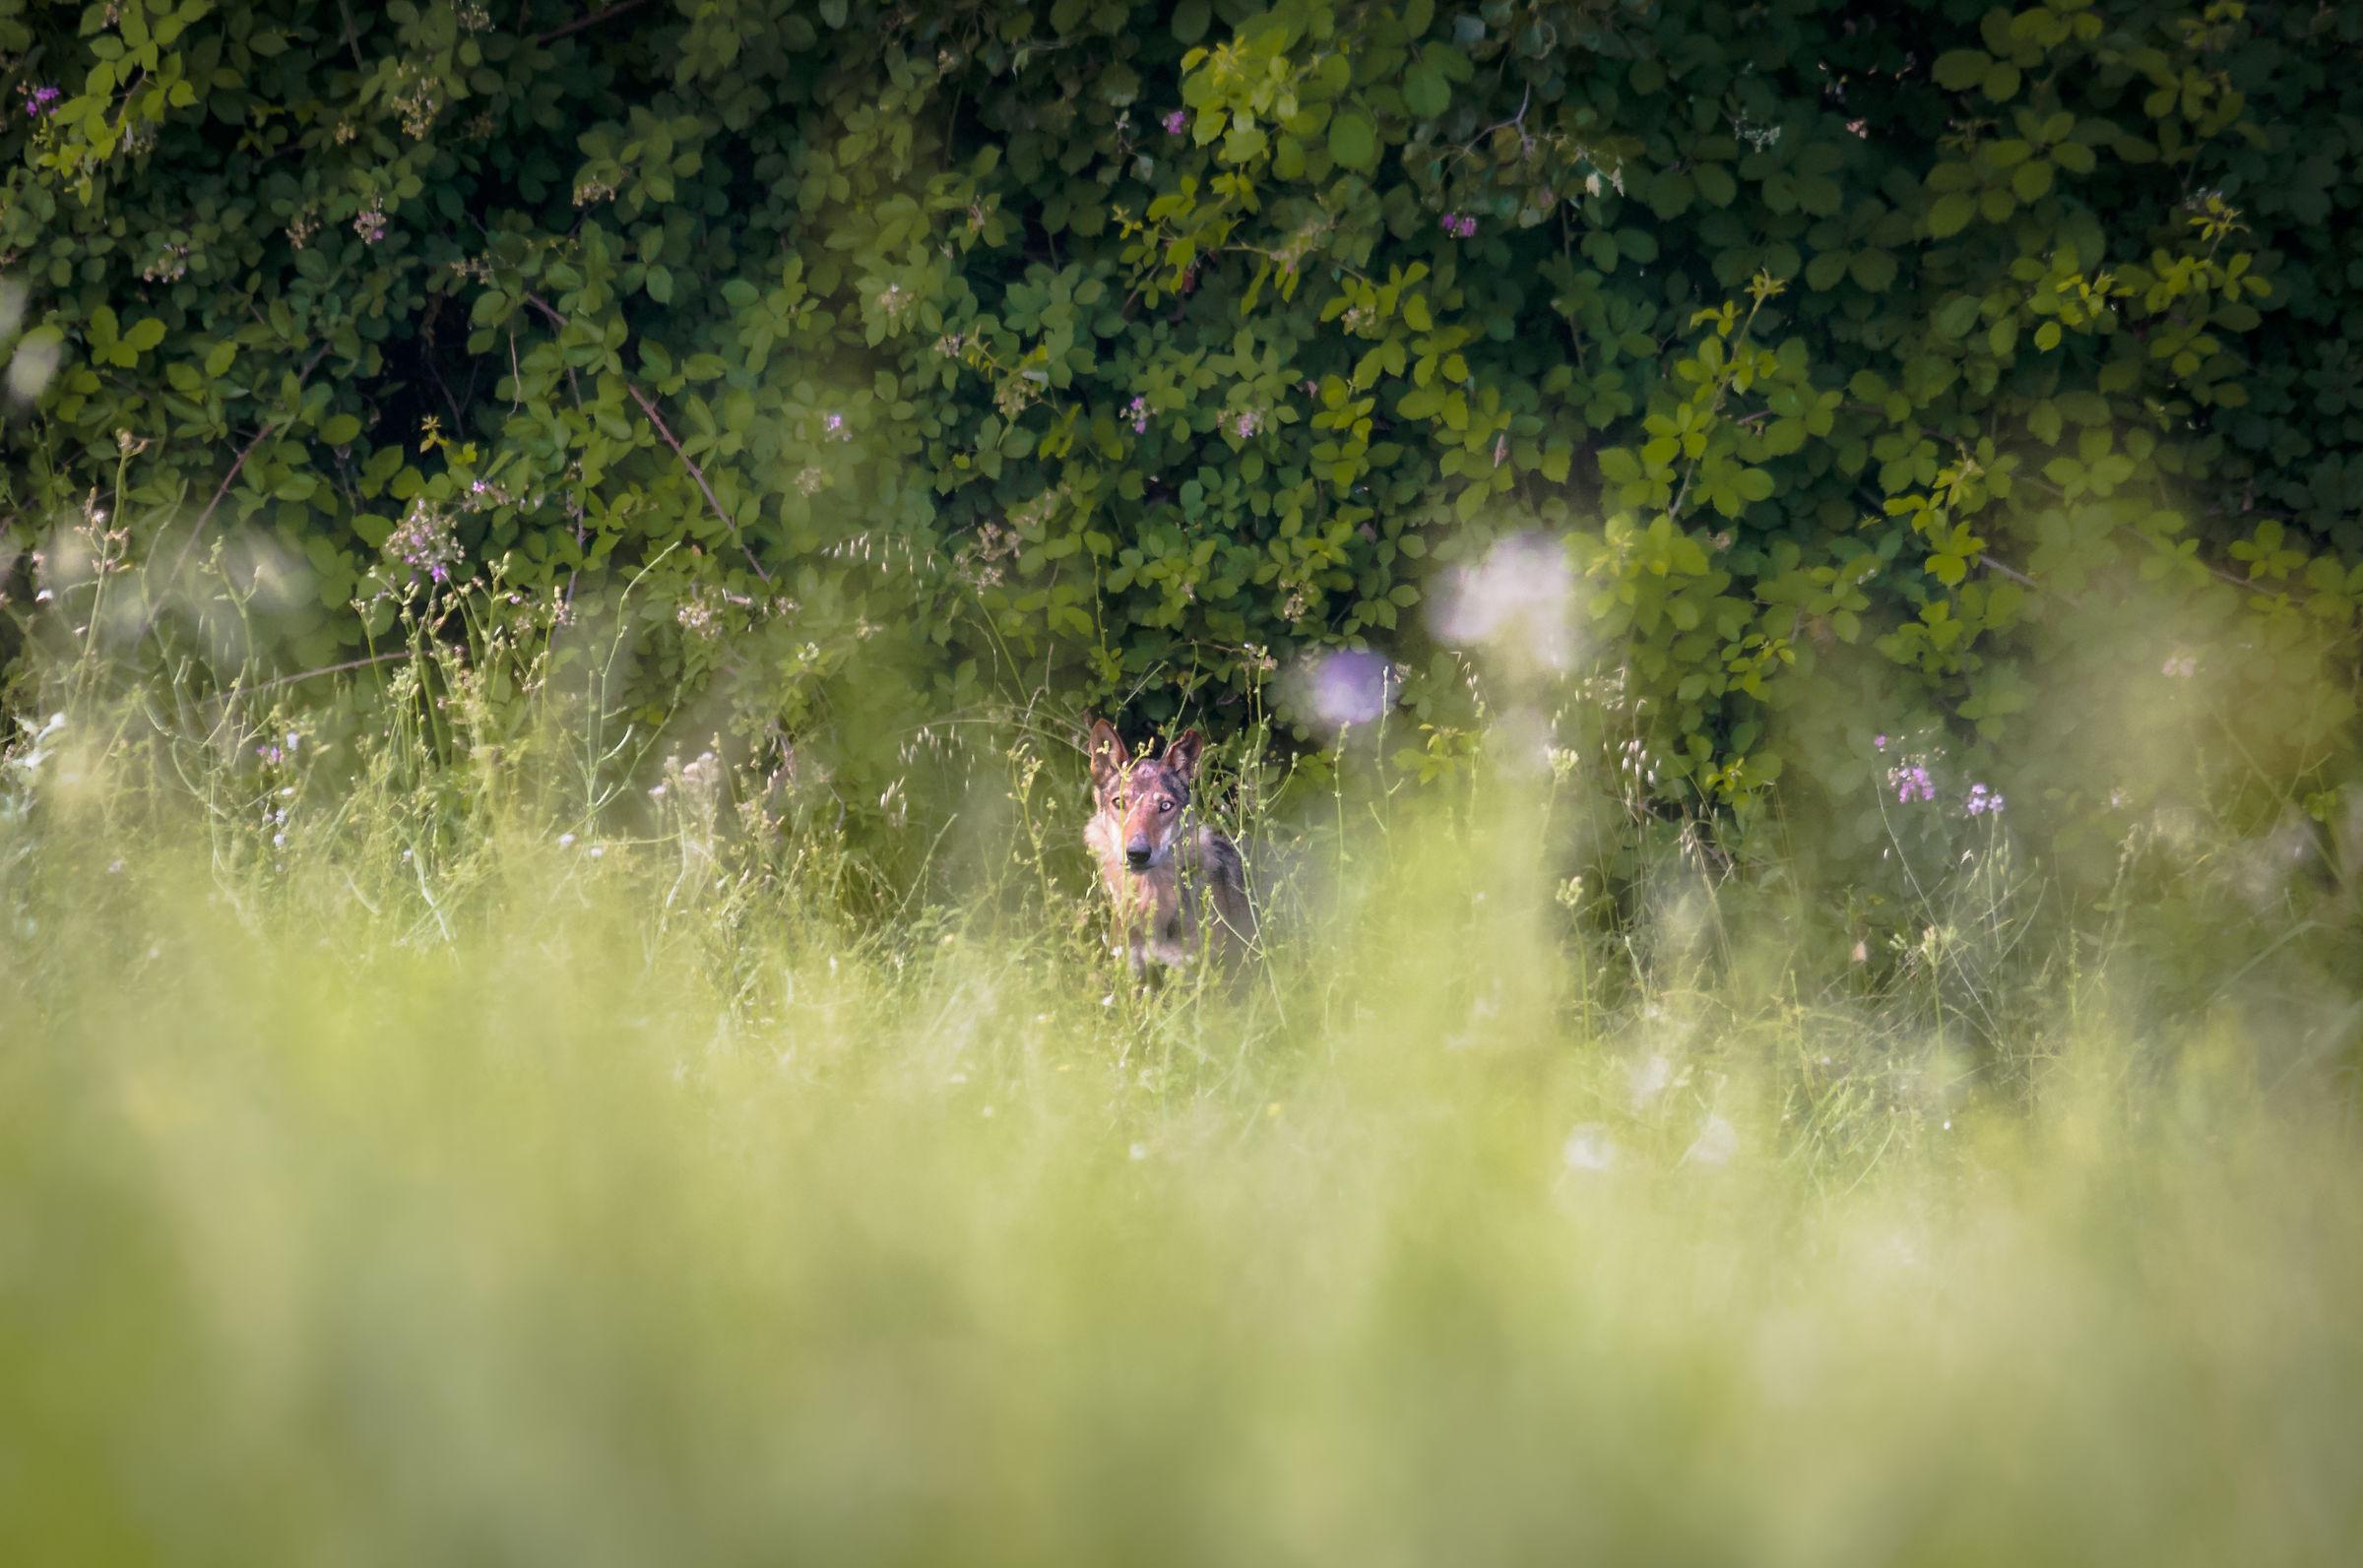 In the dense vegetation ...